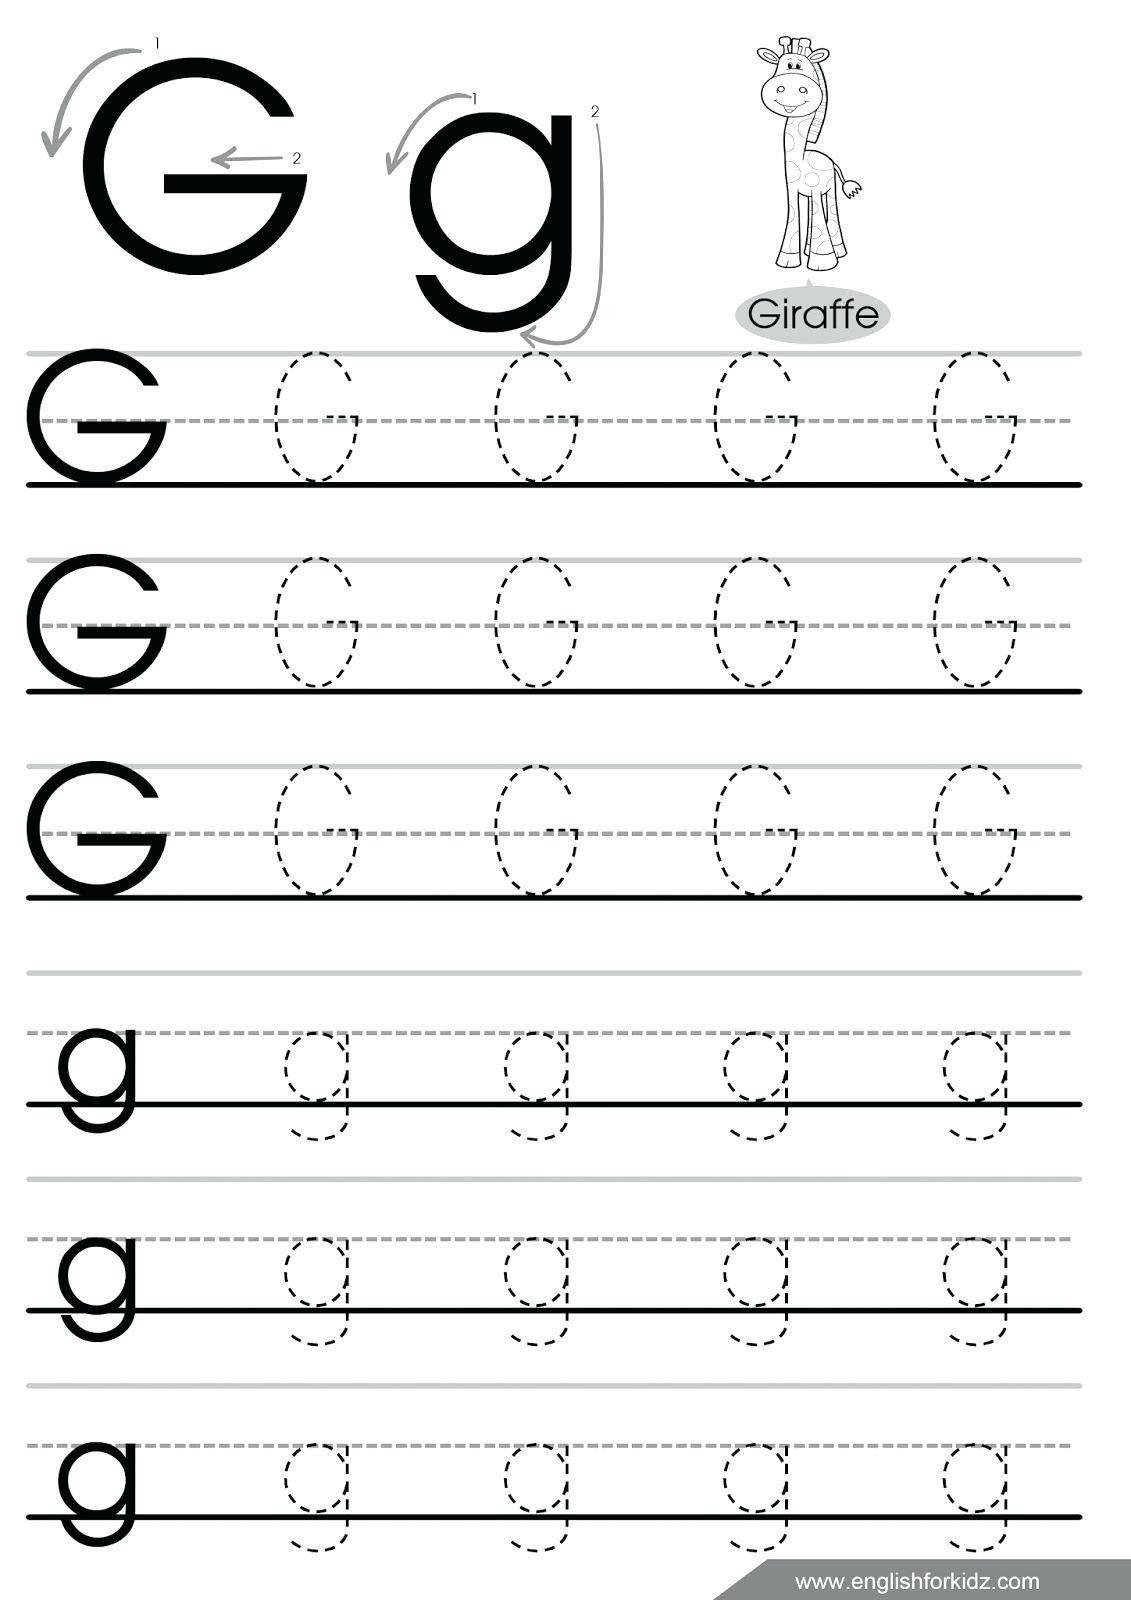 Letter G Worksheets For Kindergarten Letter Maze G Worksheet For Kindergarten In 2020 Letter G Worksheets Tracing Worksheets Preschool Letter Tracing Worksheets